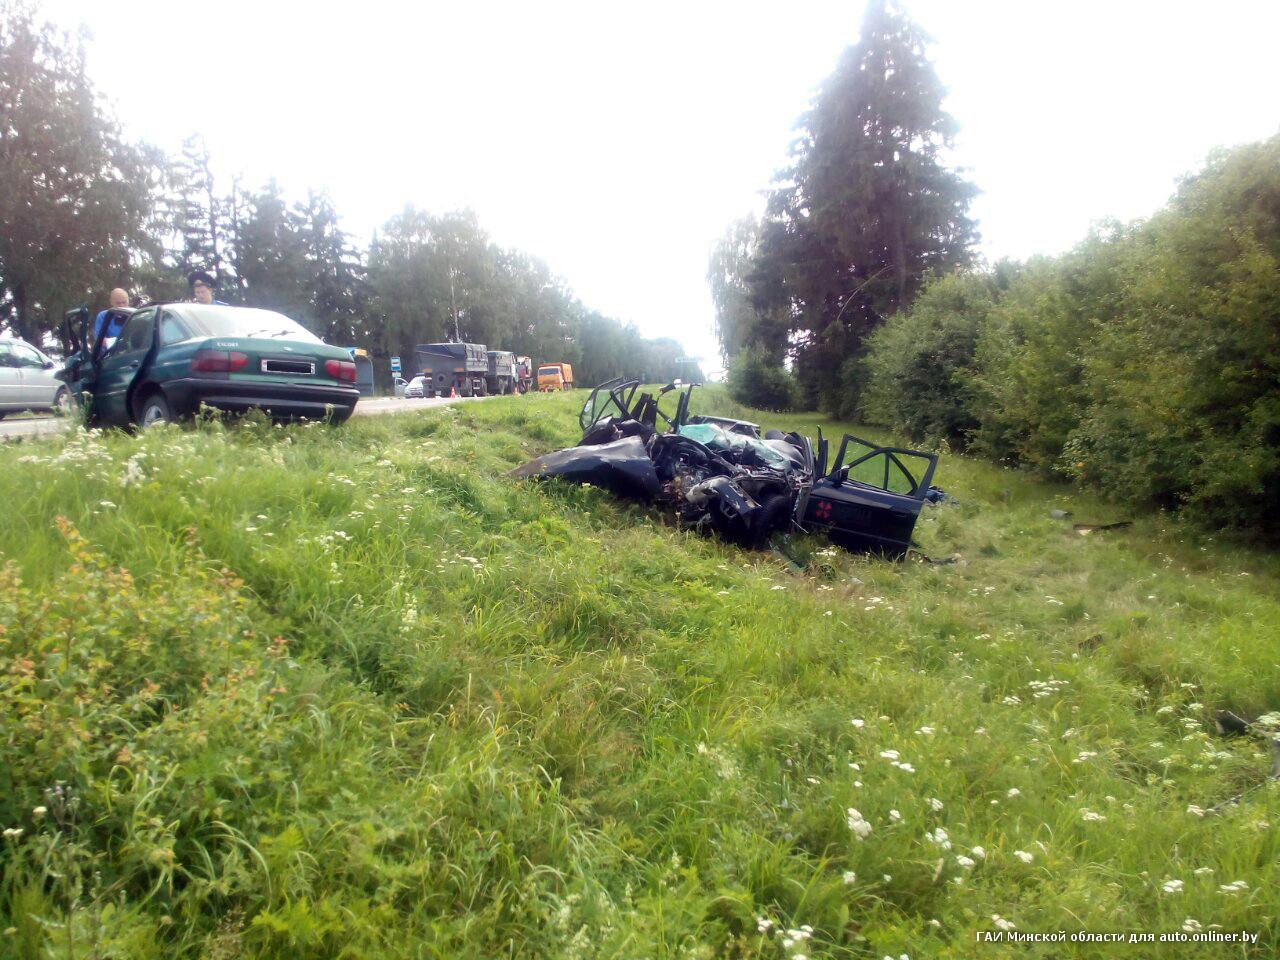 Лобовое столкновение вКопыльском районе: двое водителей в клинике, пассажир БМВ умер